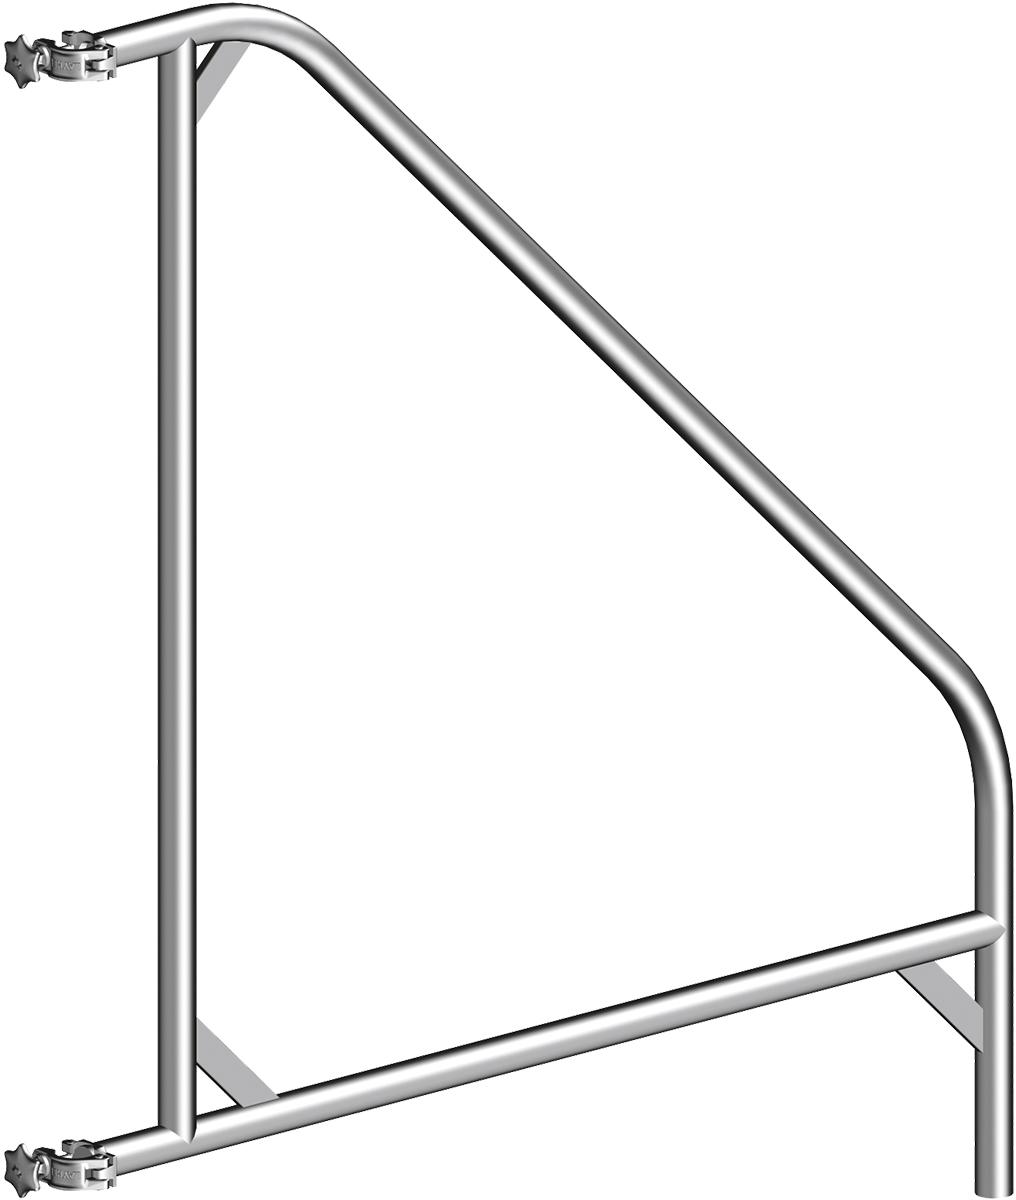 Layher Fahrgerüst Alu-Ausleger 1,50 m